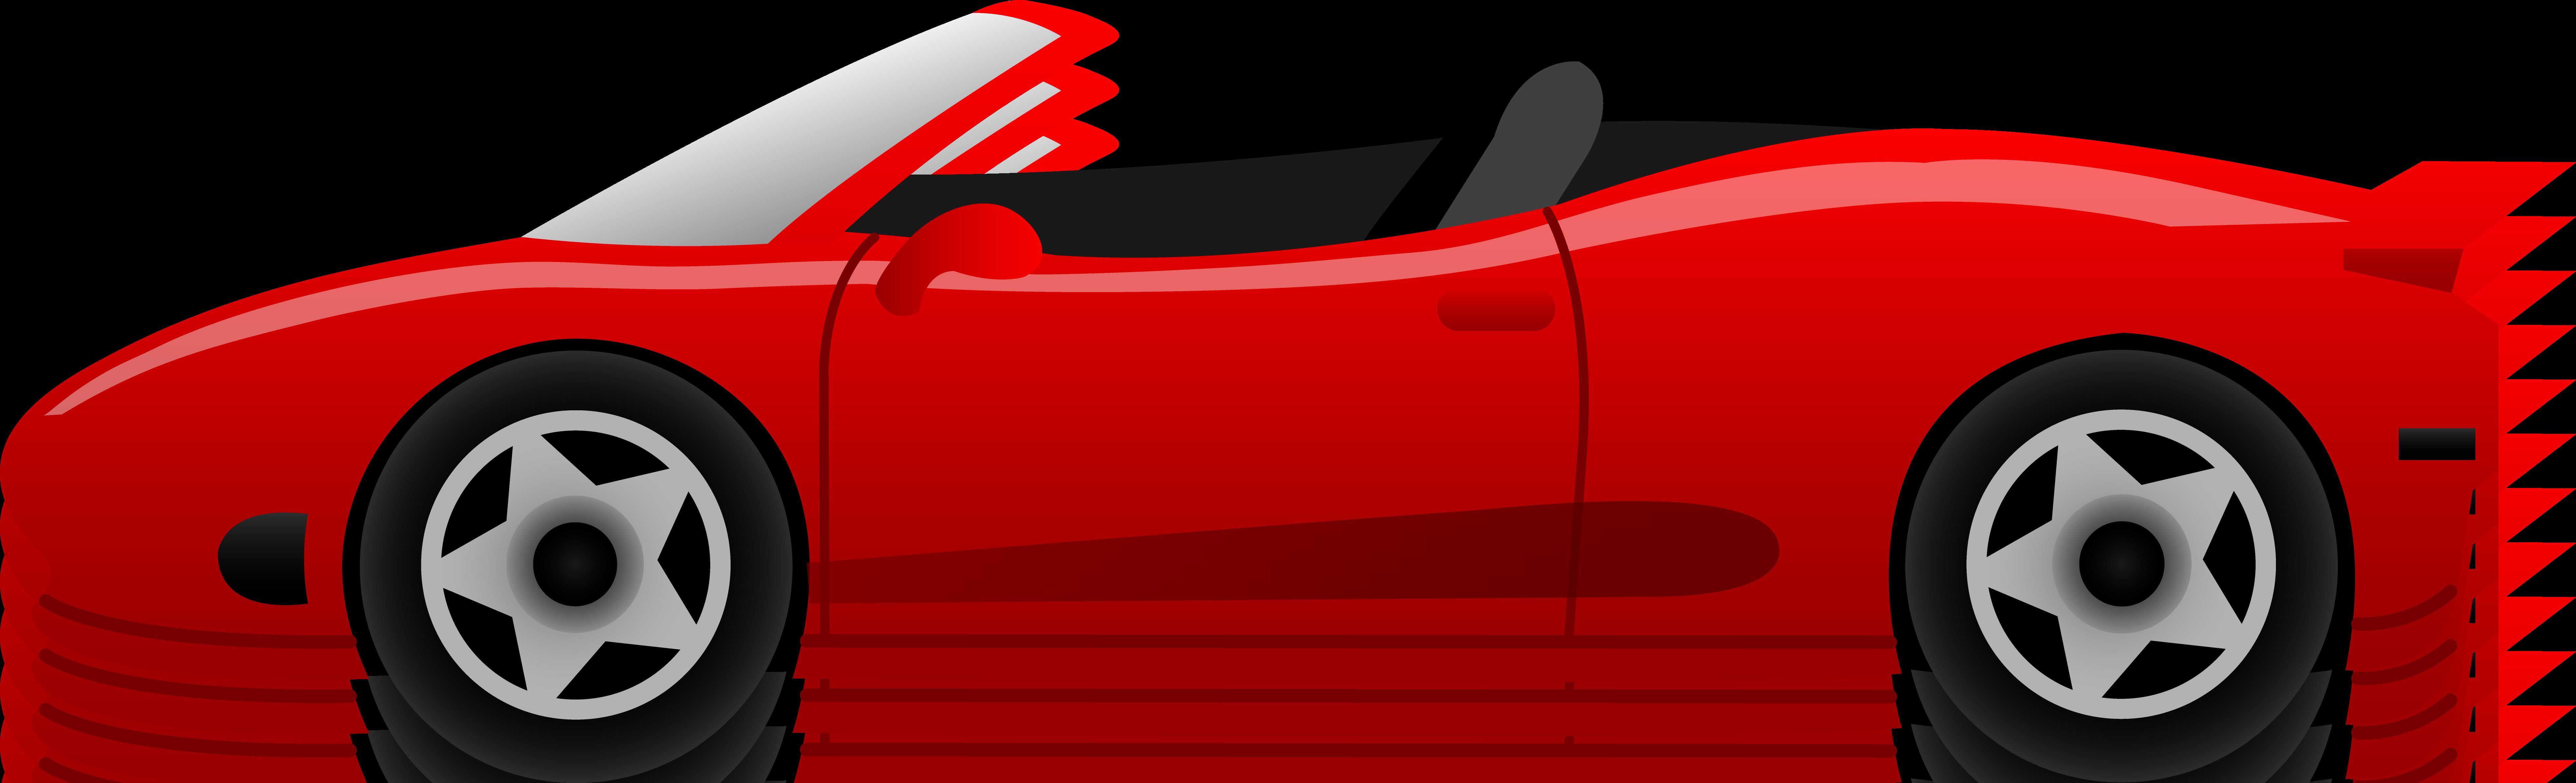 Car Clip Art-Car Clip Art-12